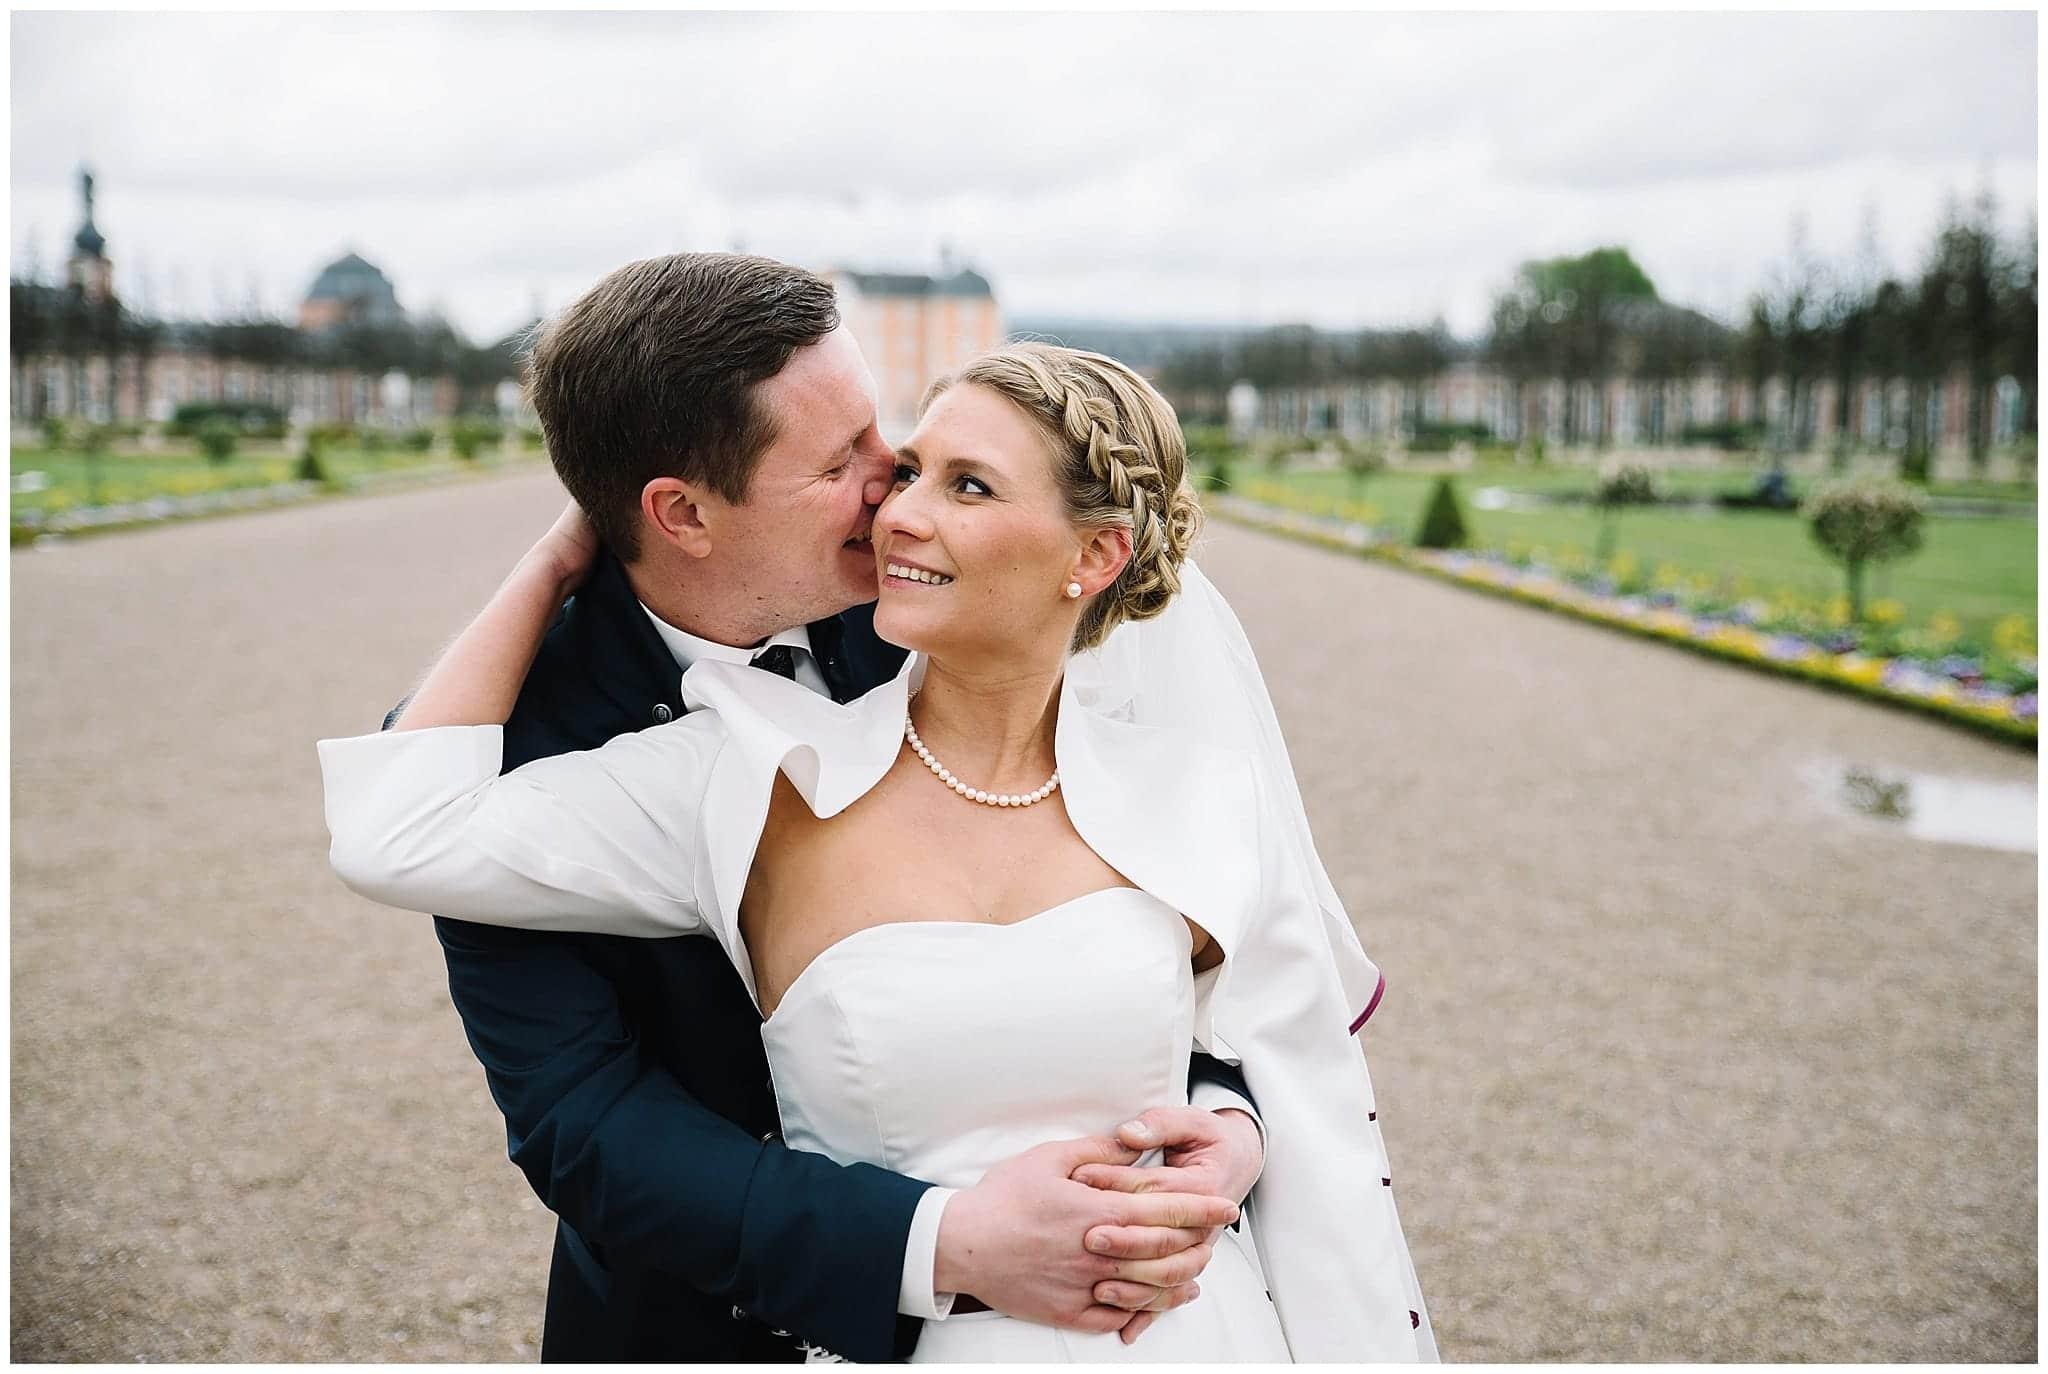 MaMa Wedding Sonja und Jens Hochzeitsfotografie Heidelberg18